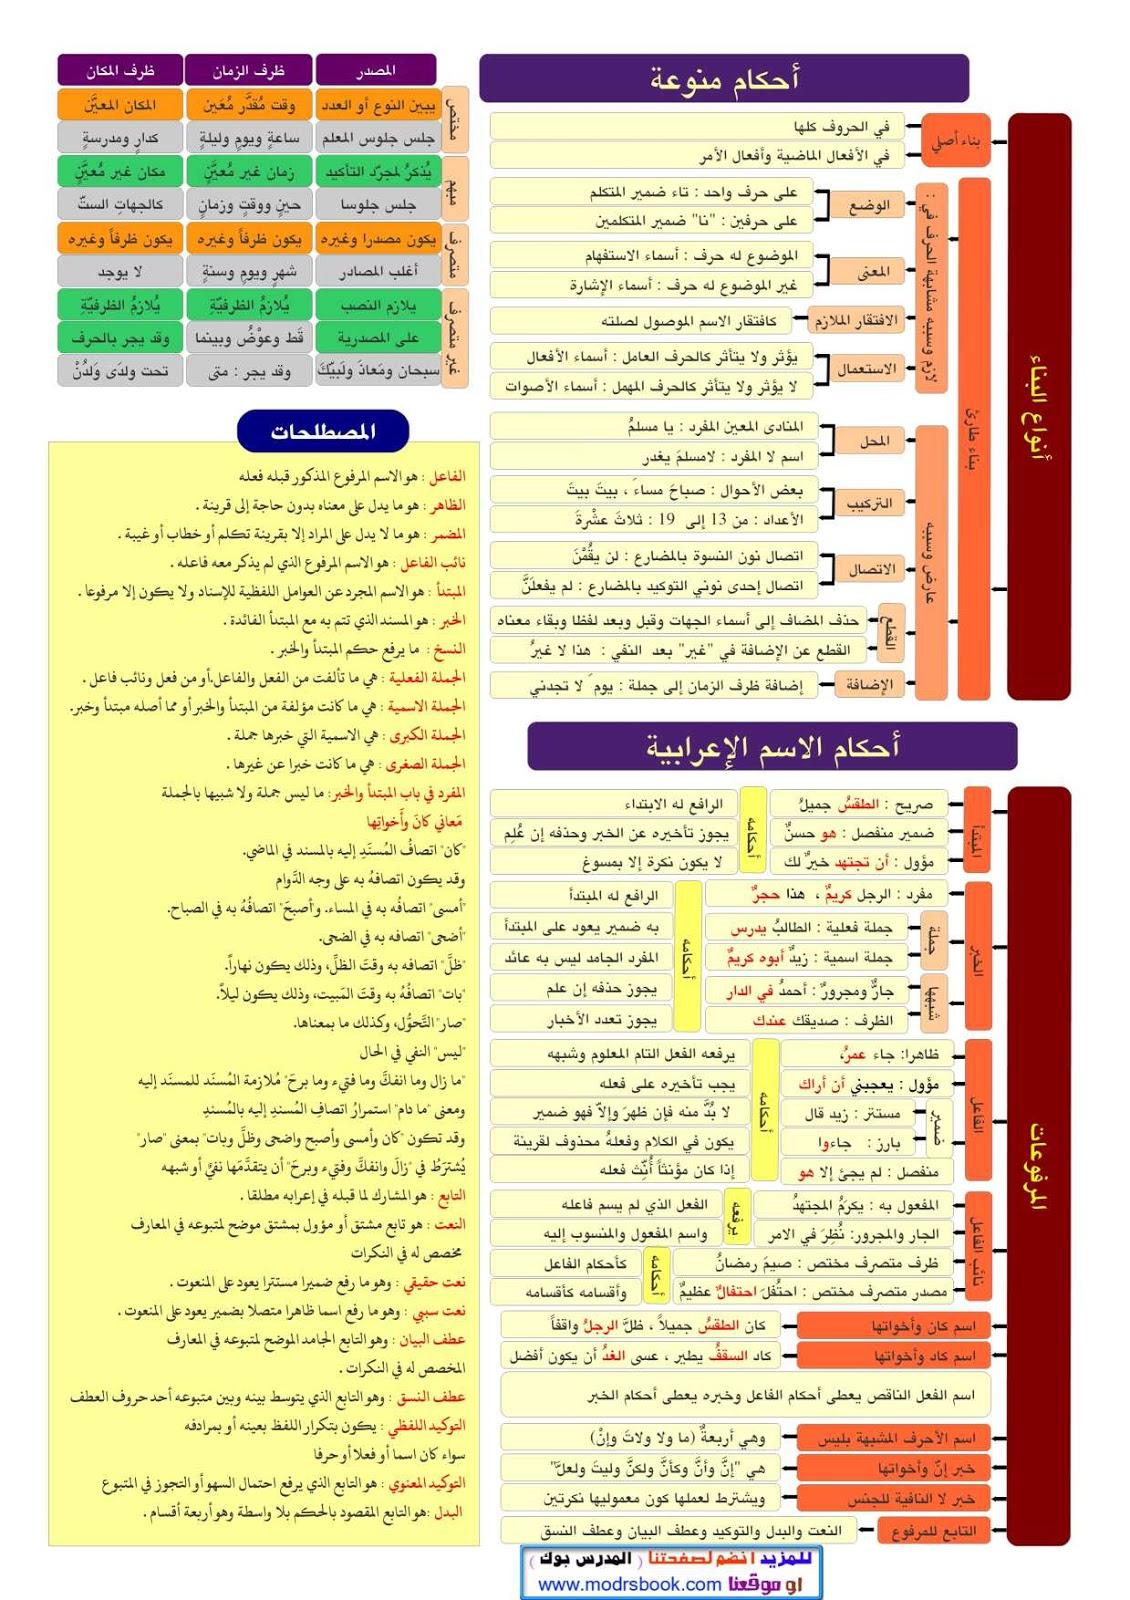 كتب النحو العربي pdf